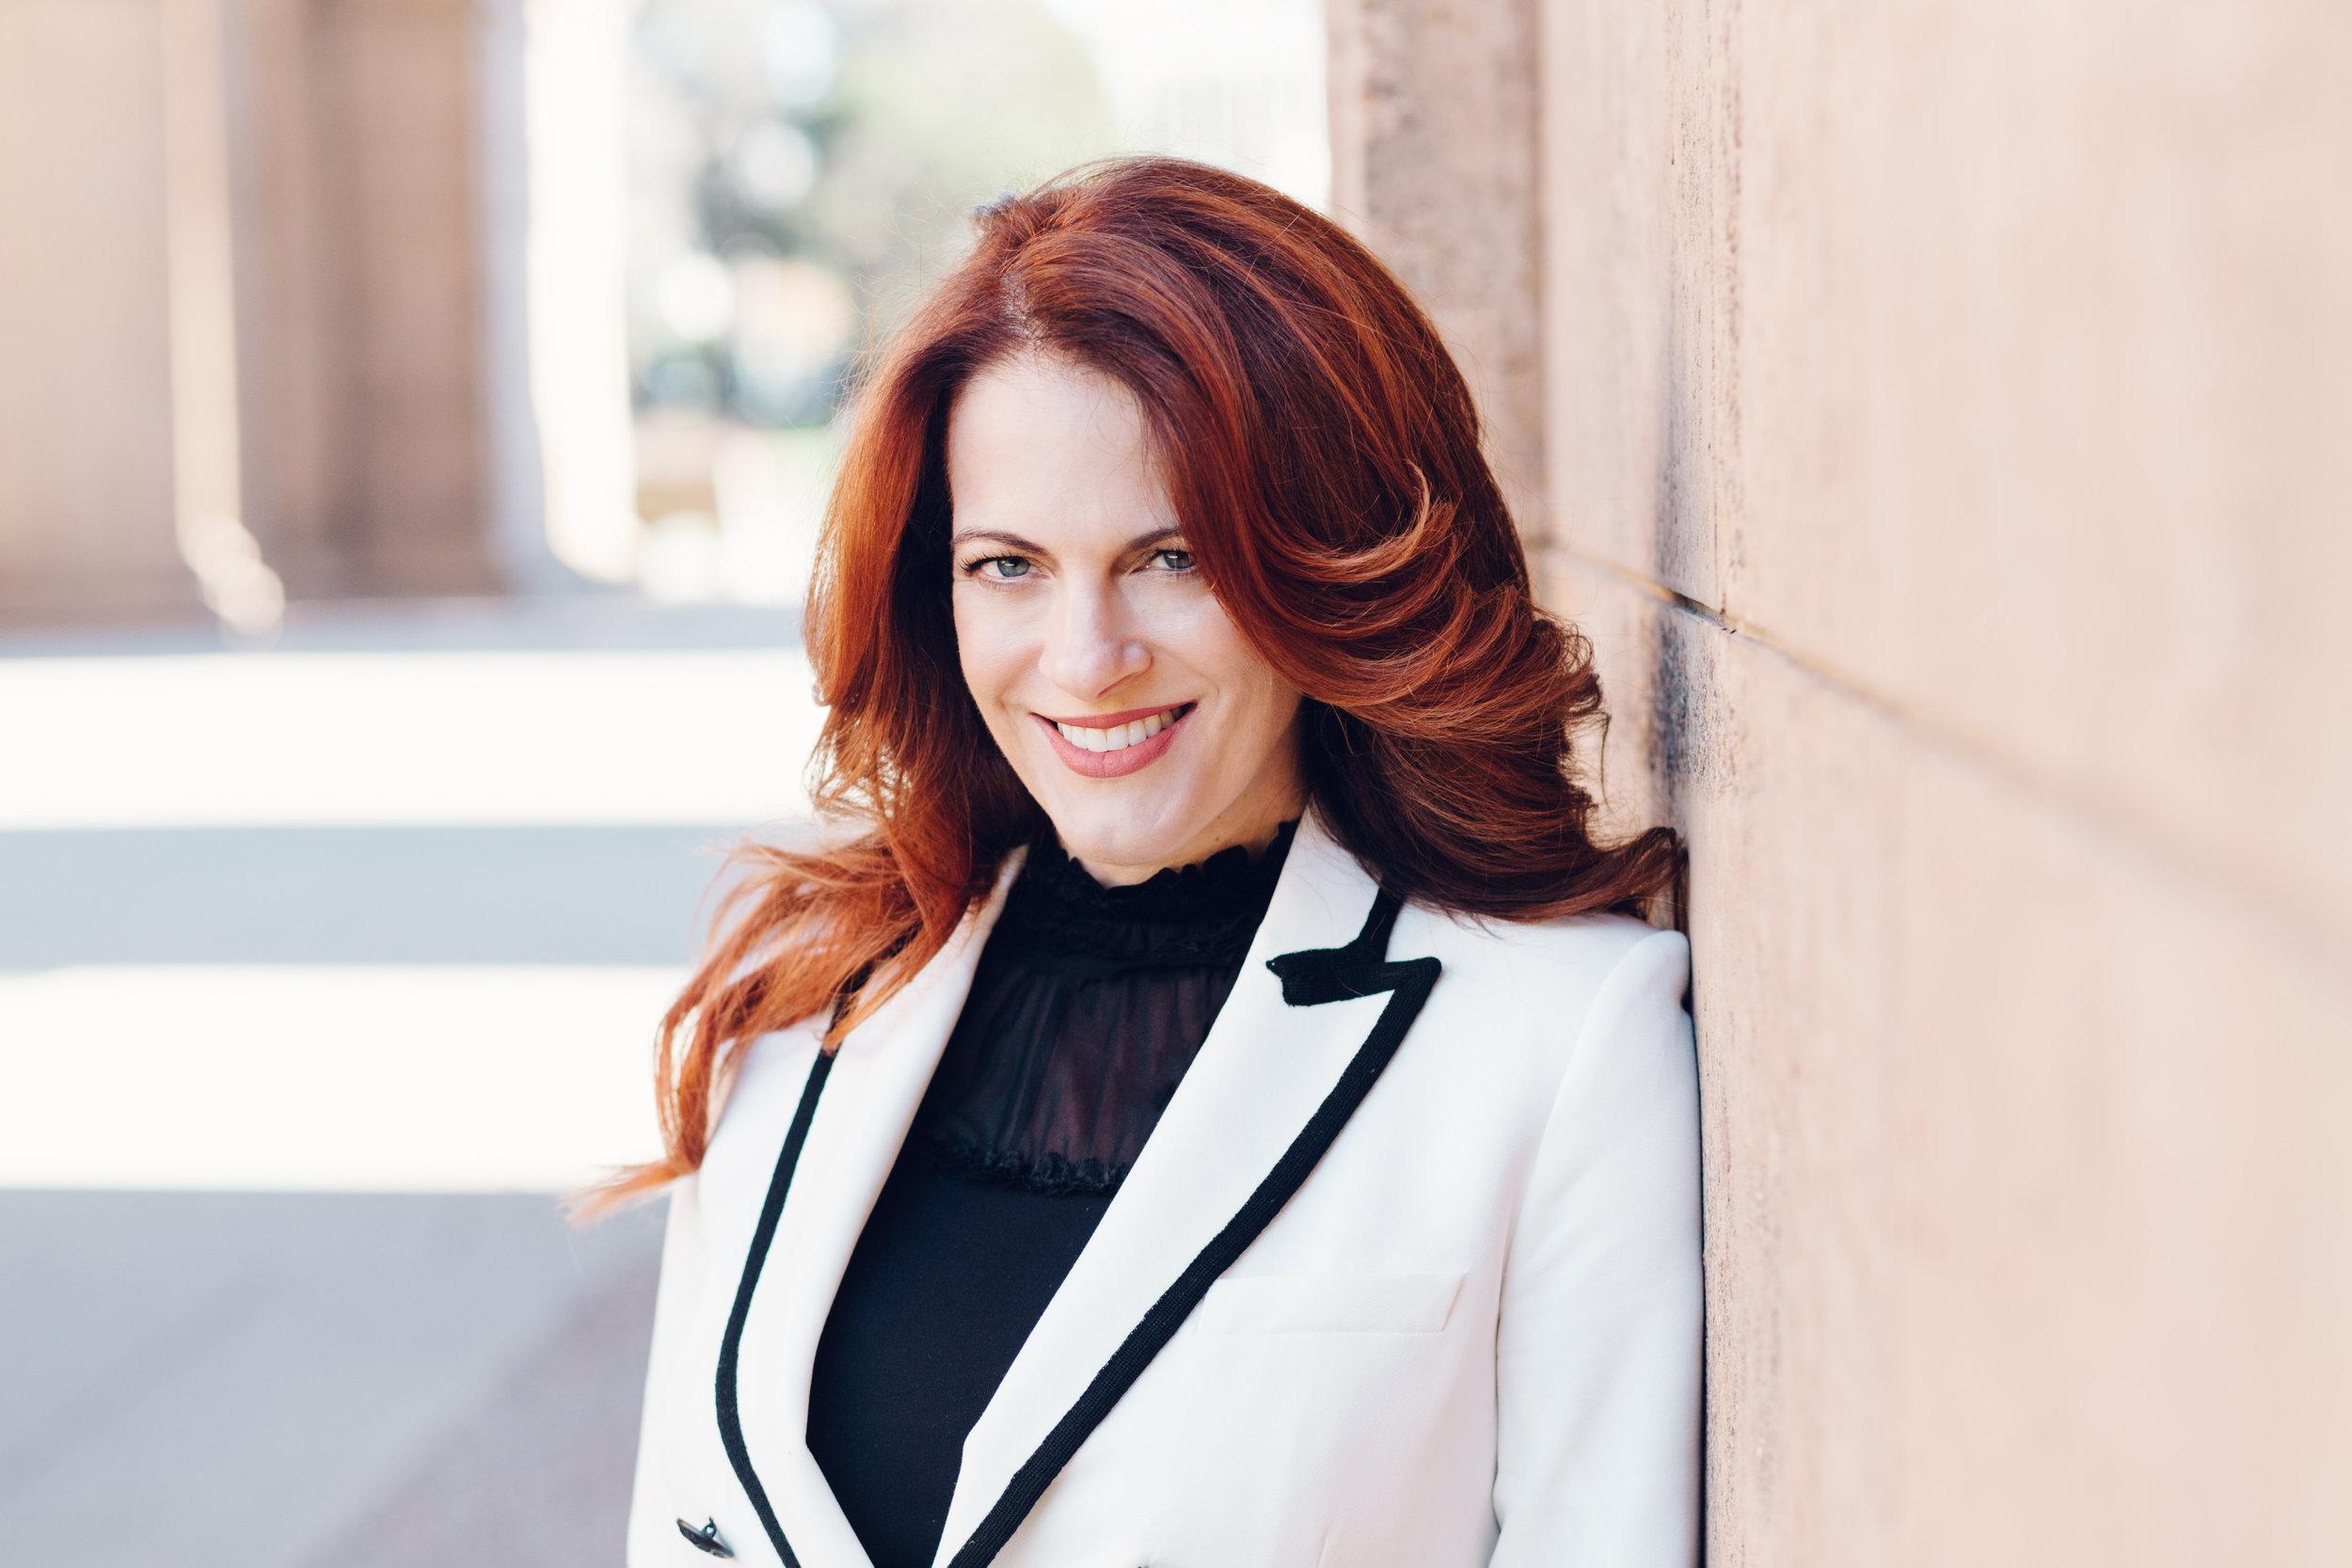 Nicole Needham - nicole.needham@compass.com415.309.5025DRE#: 01973340nicolejneedham.com